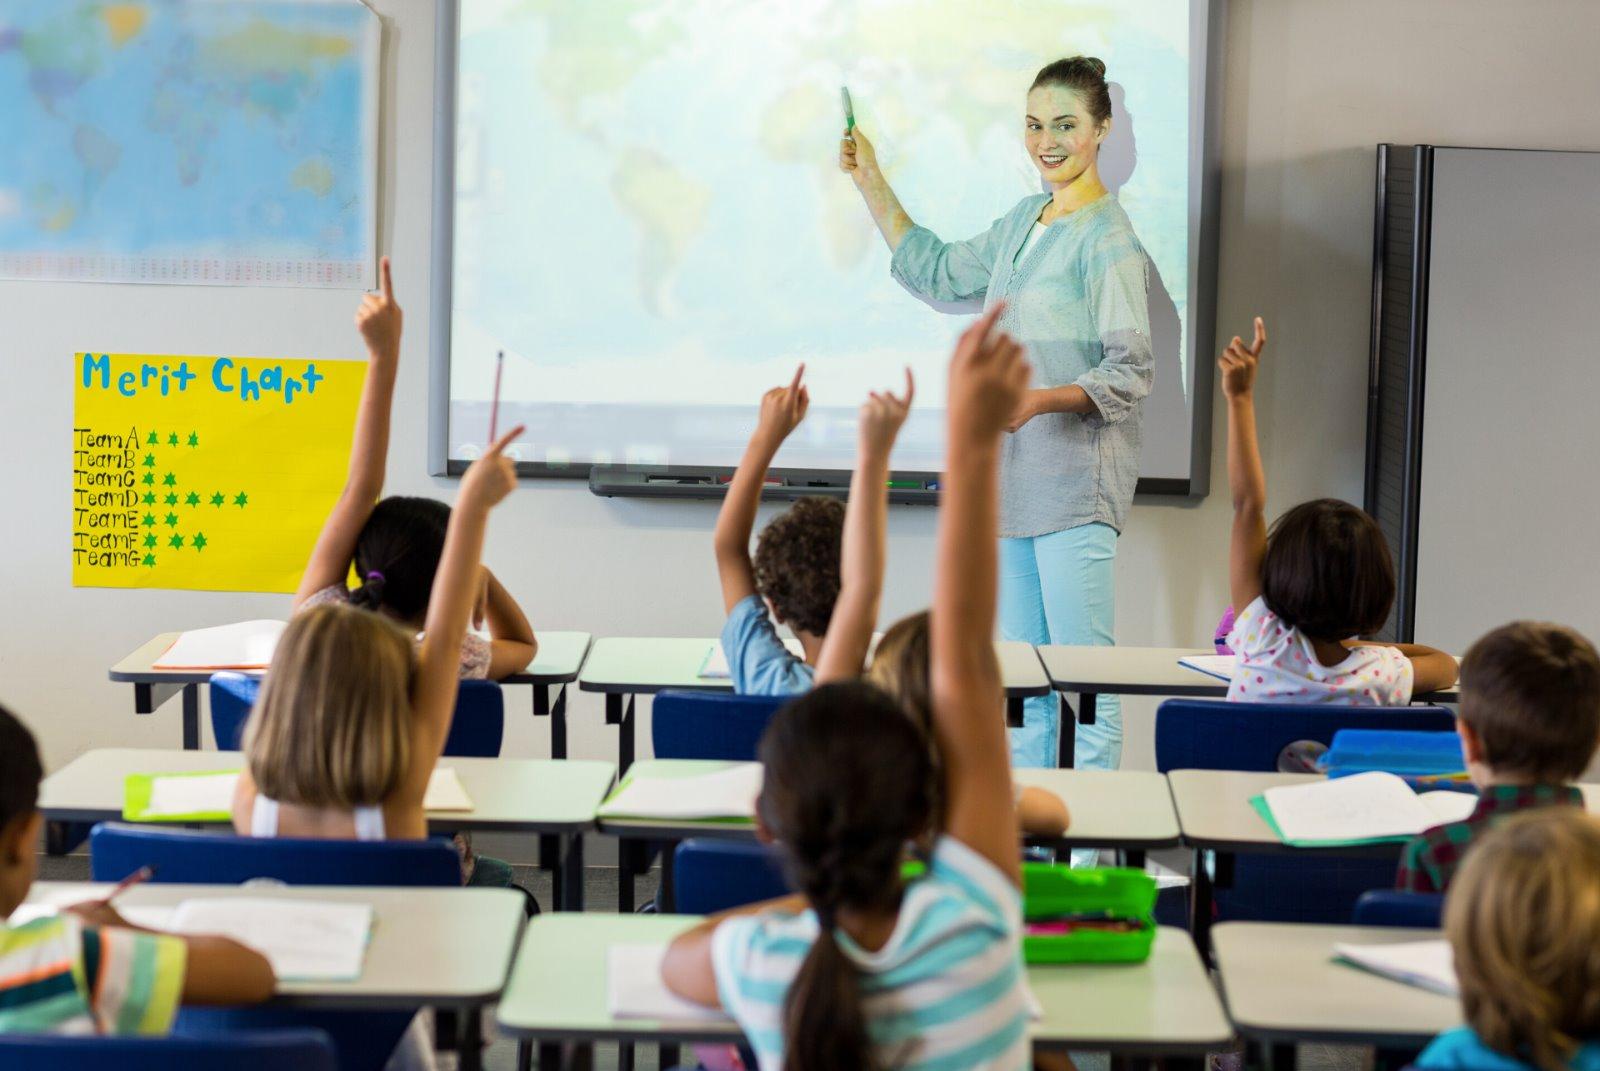 La Pizarra Digital interactiva en la enseñanza